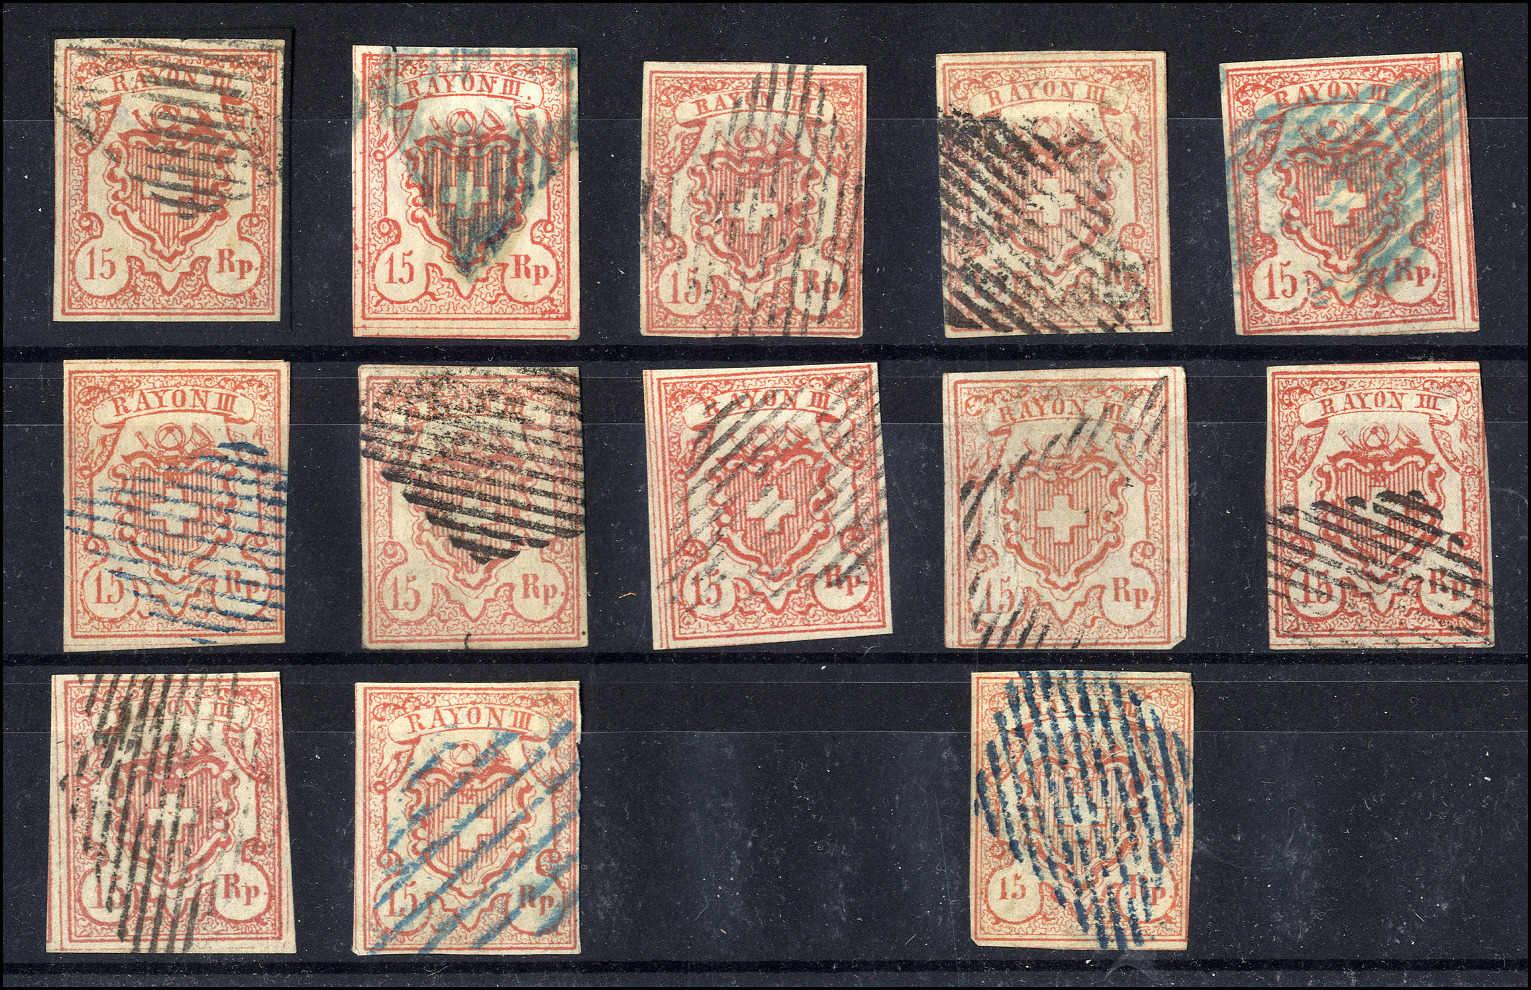 Lot 20 - sammlungen und posten sammlungen und posten altschweiz -  Rolli Auctions Auction #68 Day 1